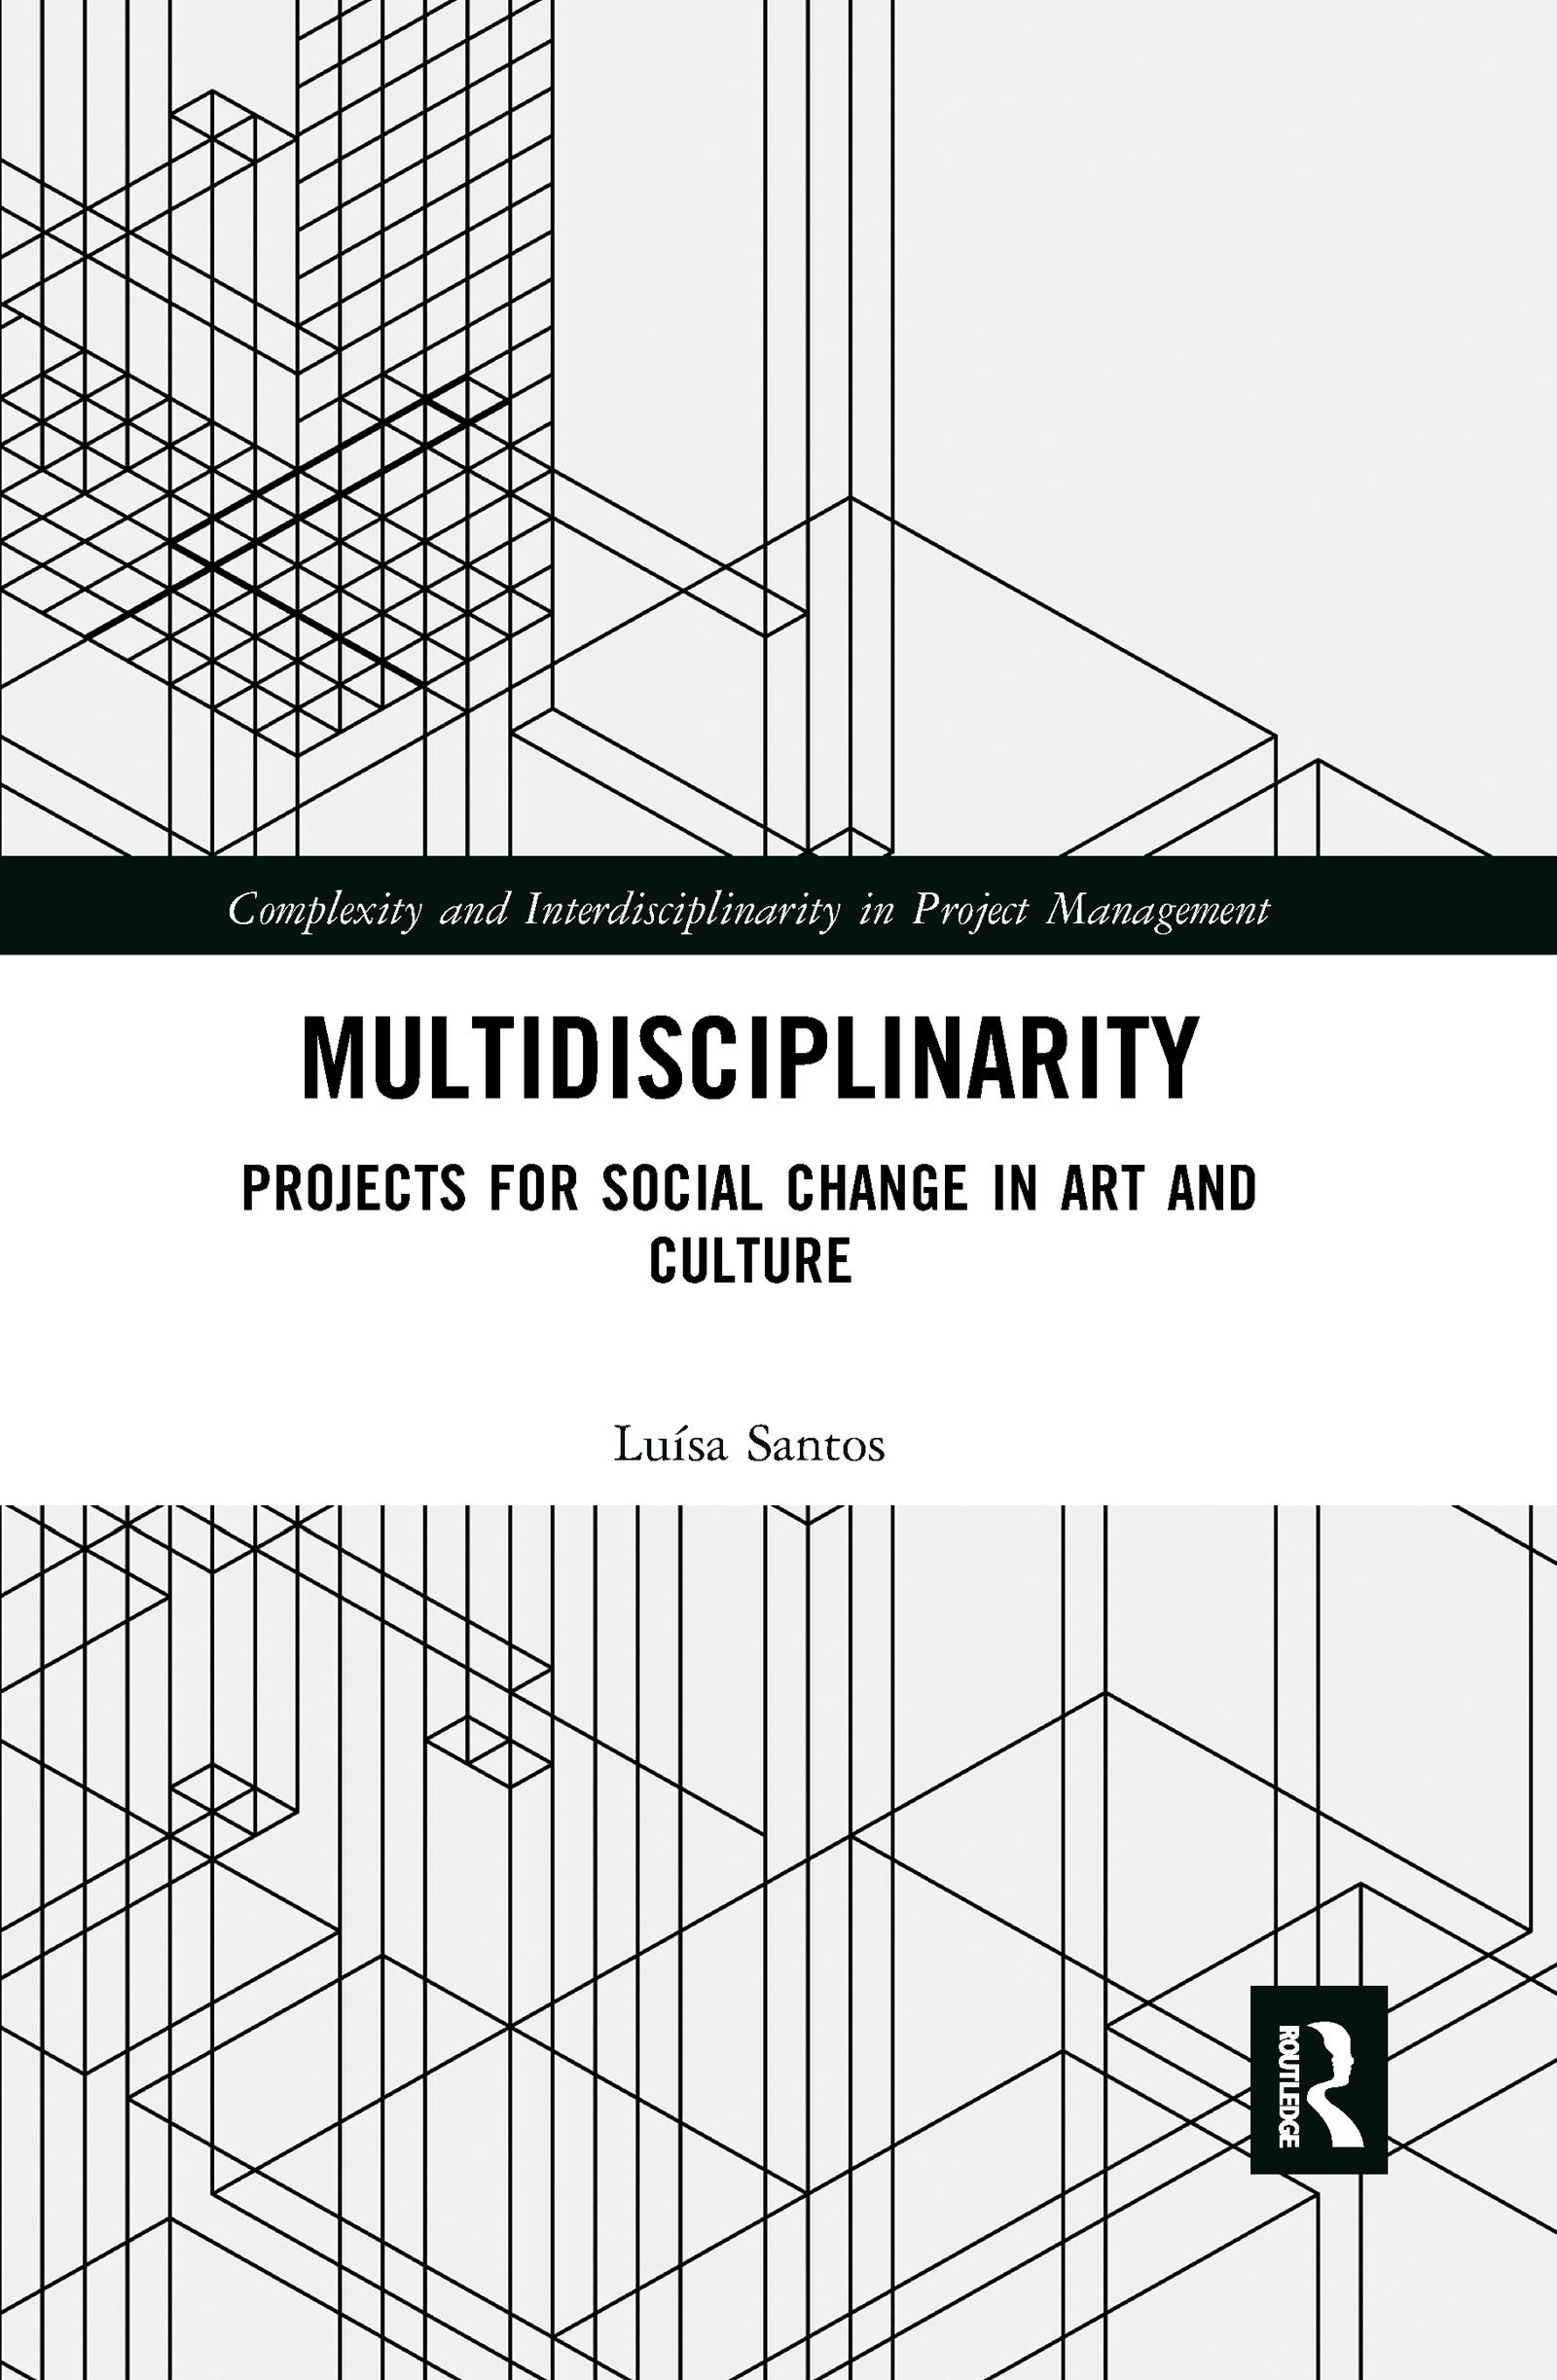 Multidisciplinarity